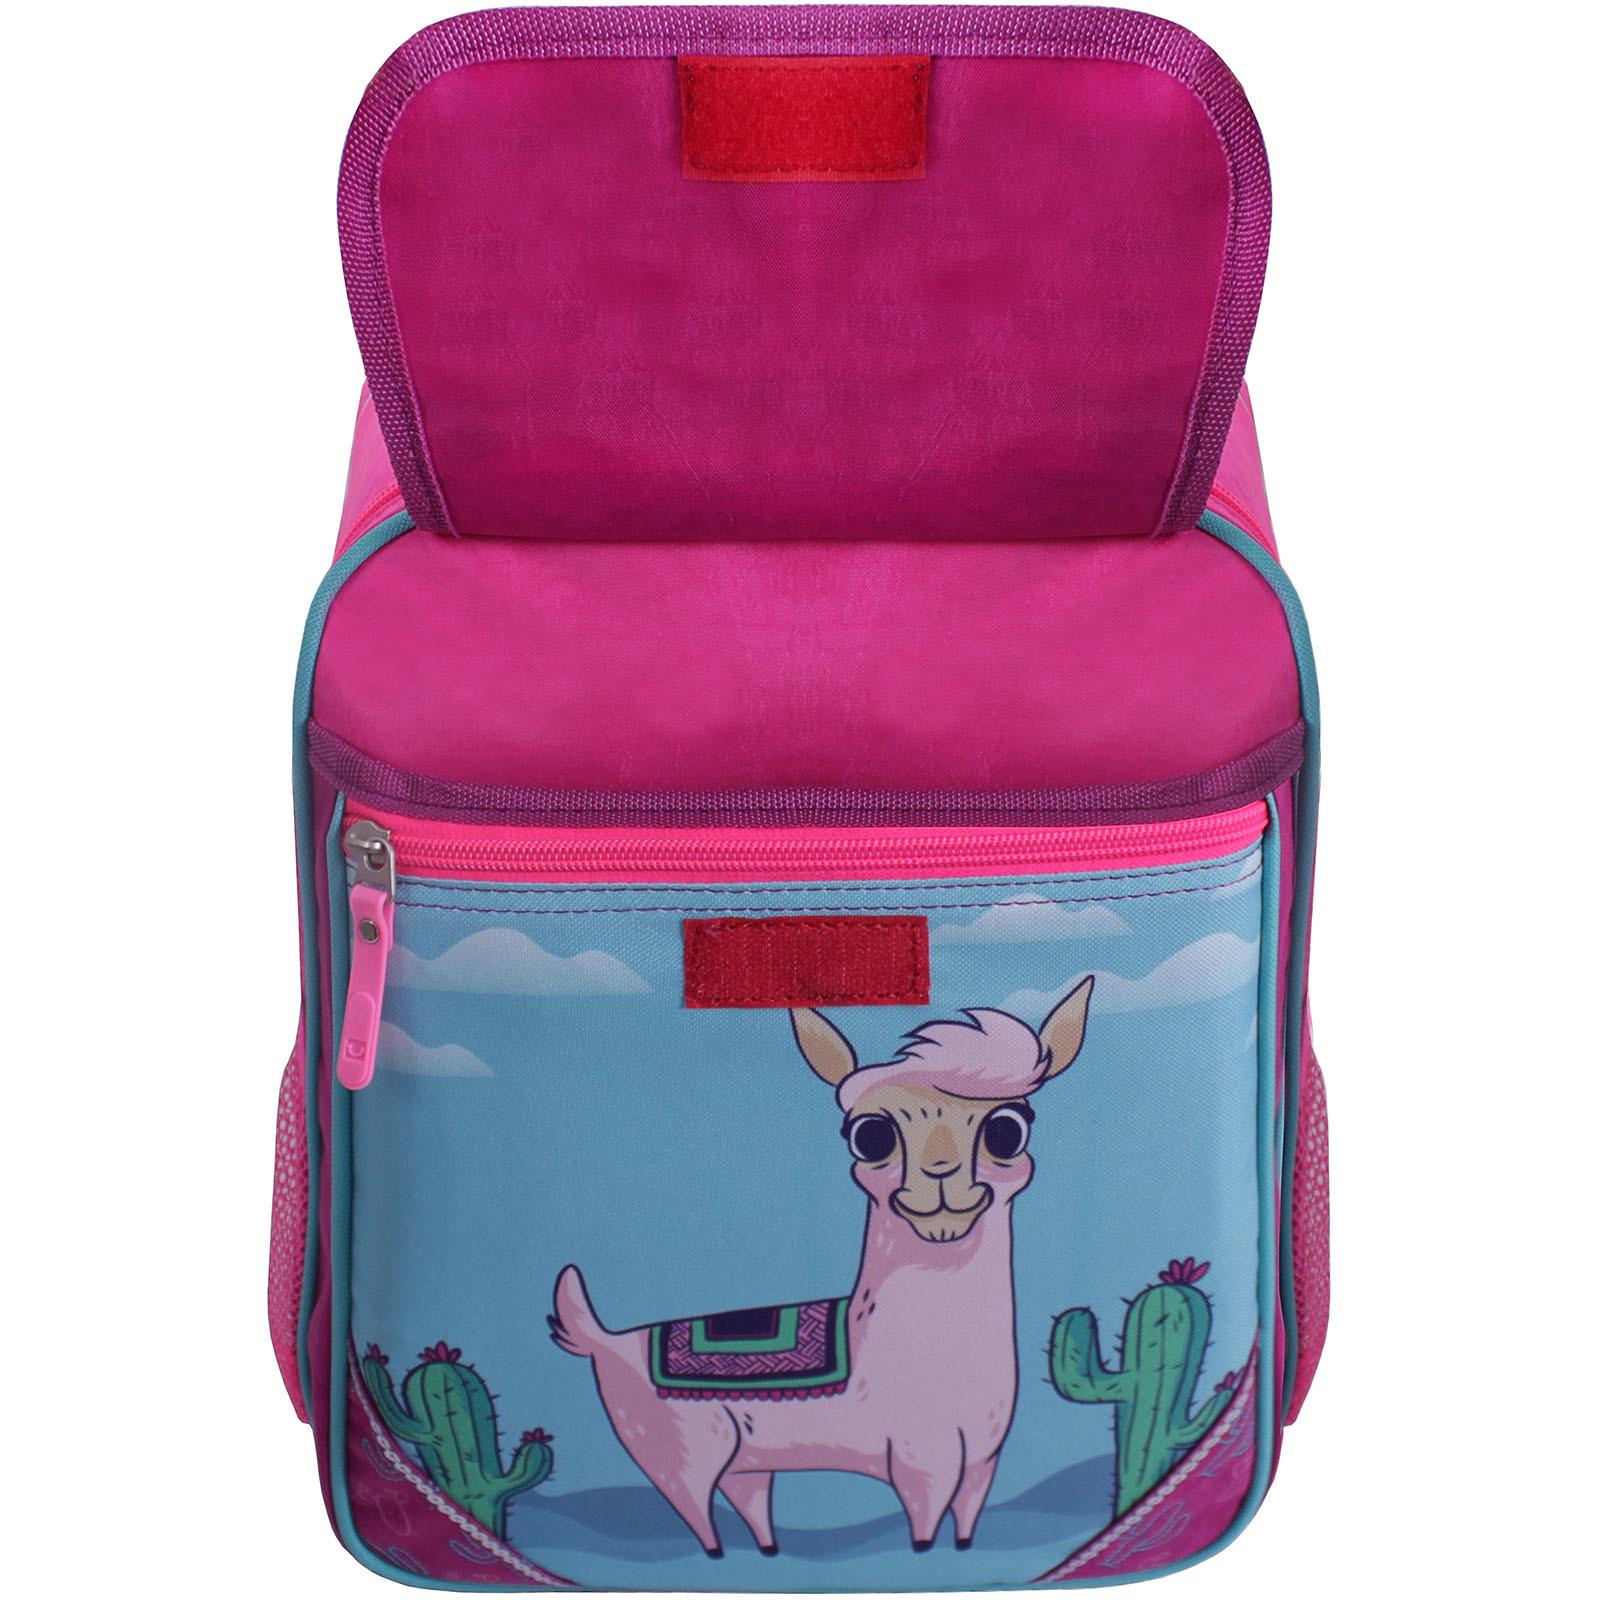 Рюкзак школьный Bagland Отличник 20 л. Малиновый 617 (0058070) фото 4